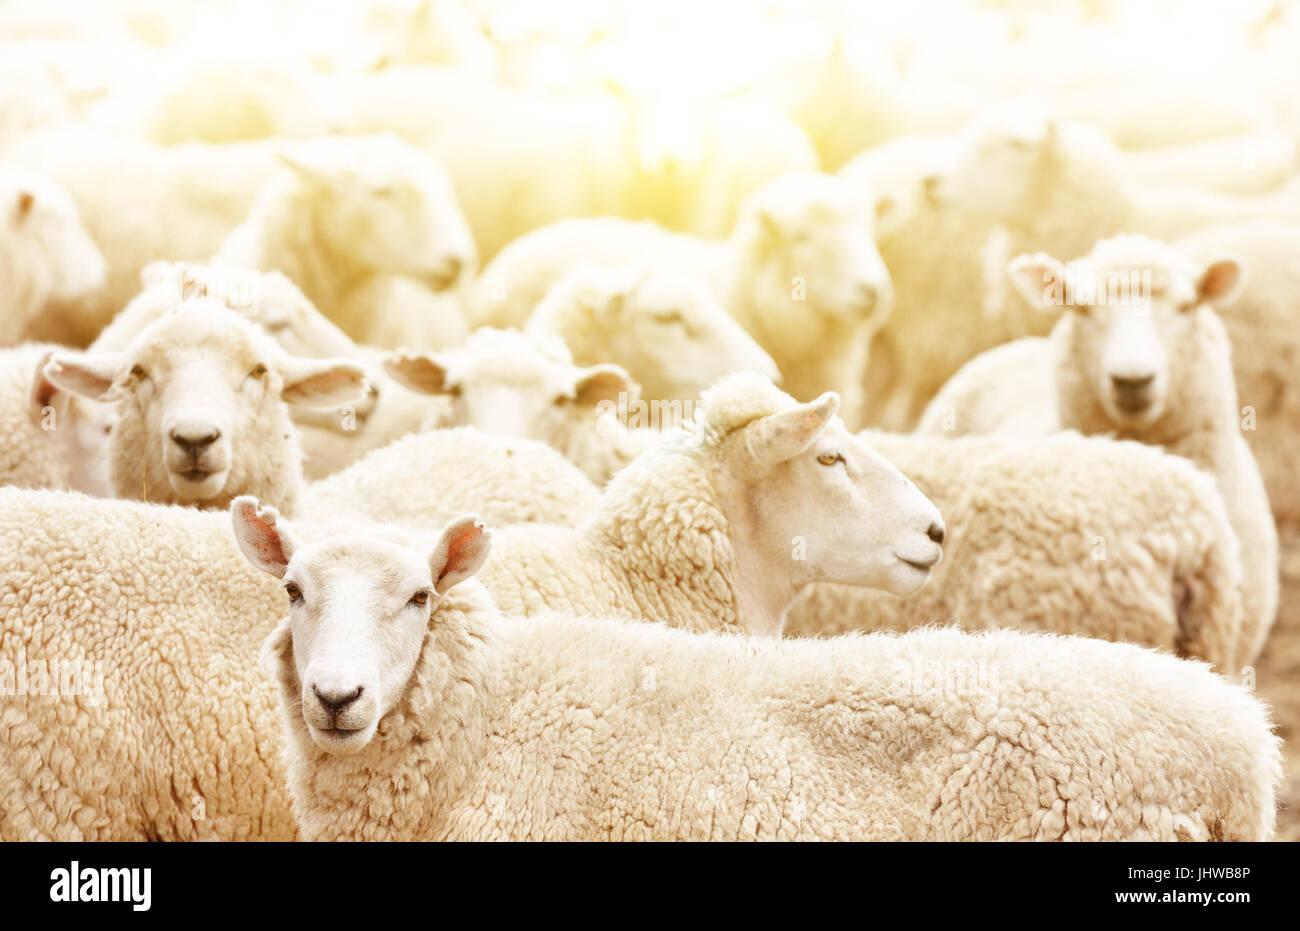 Finca ganadera, rebaño de ovejas. Imagen De Stock